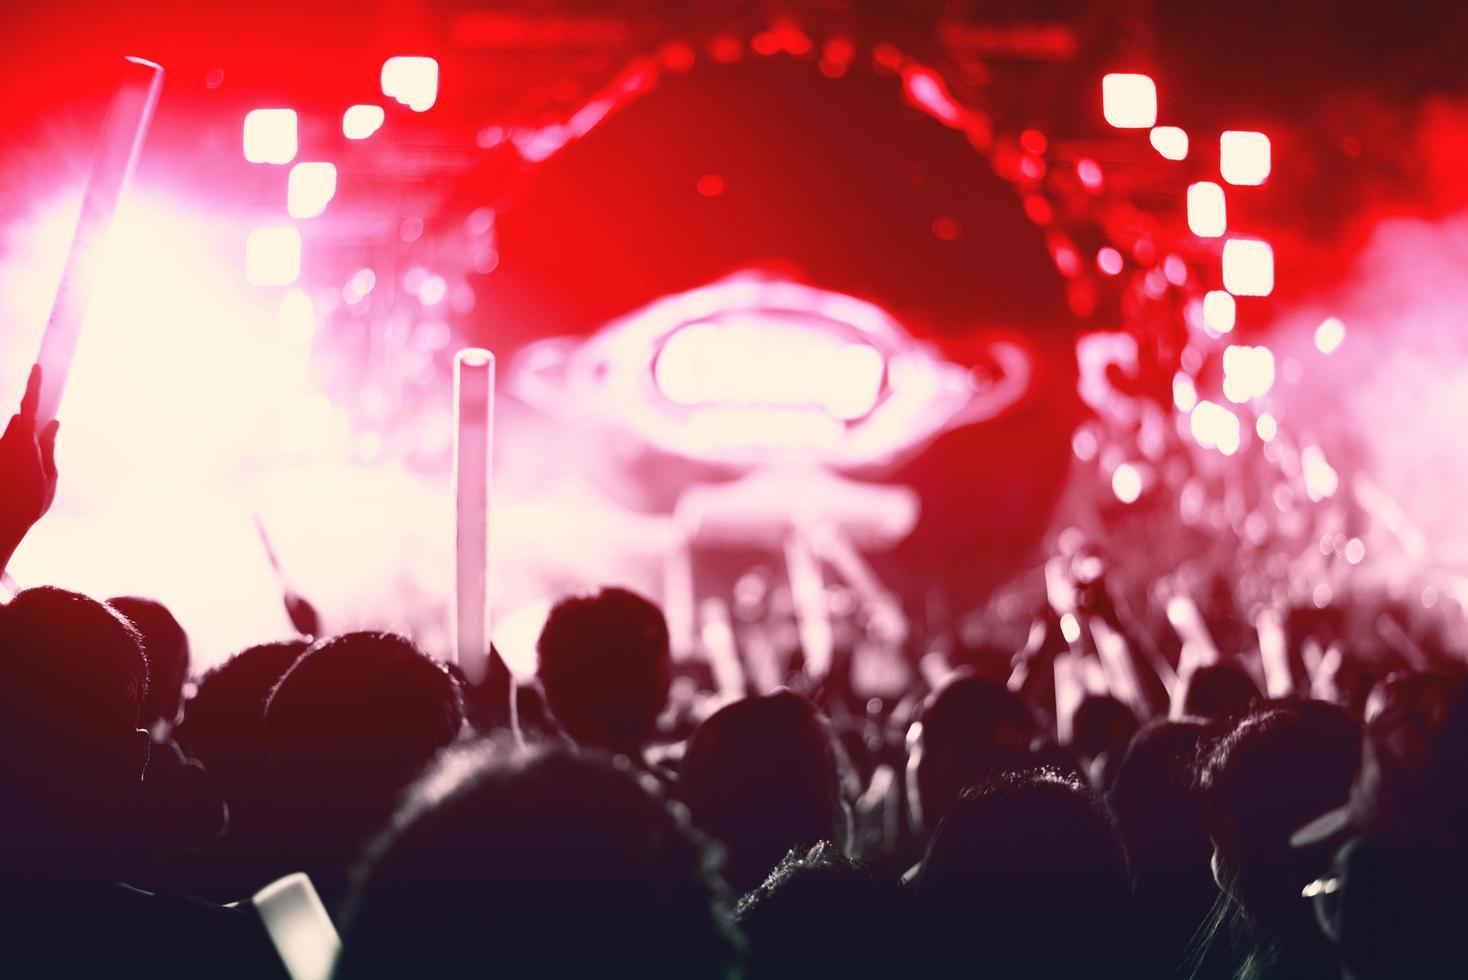 concert de rock avec des silhouettes de personnes soulevant le concept de poignée. thème chanteur et public. ton rouge photo